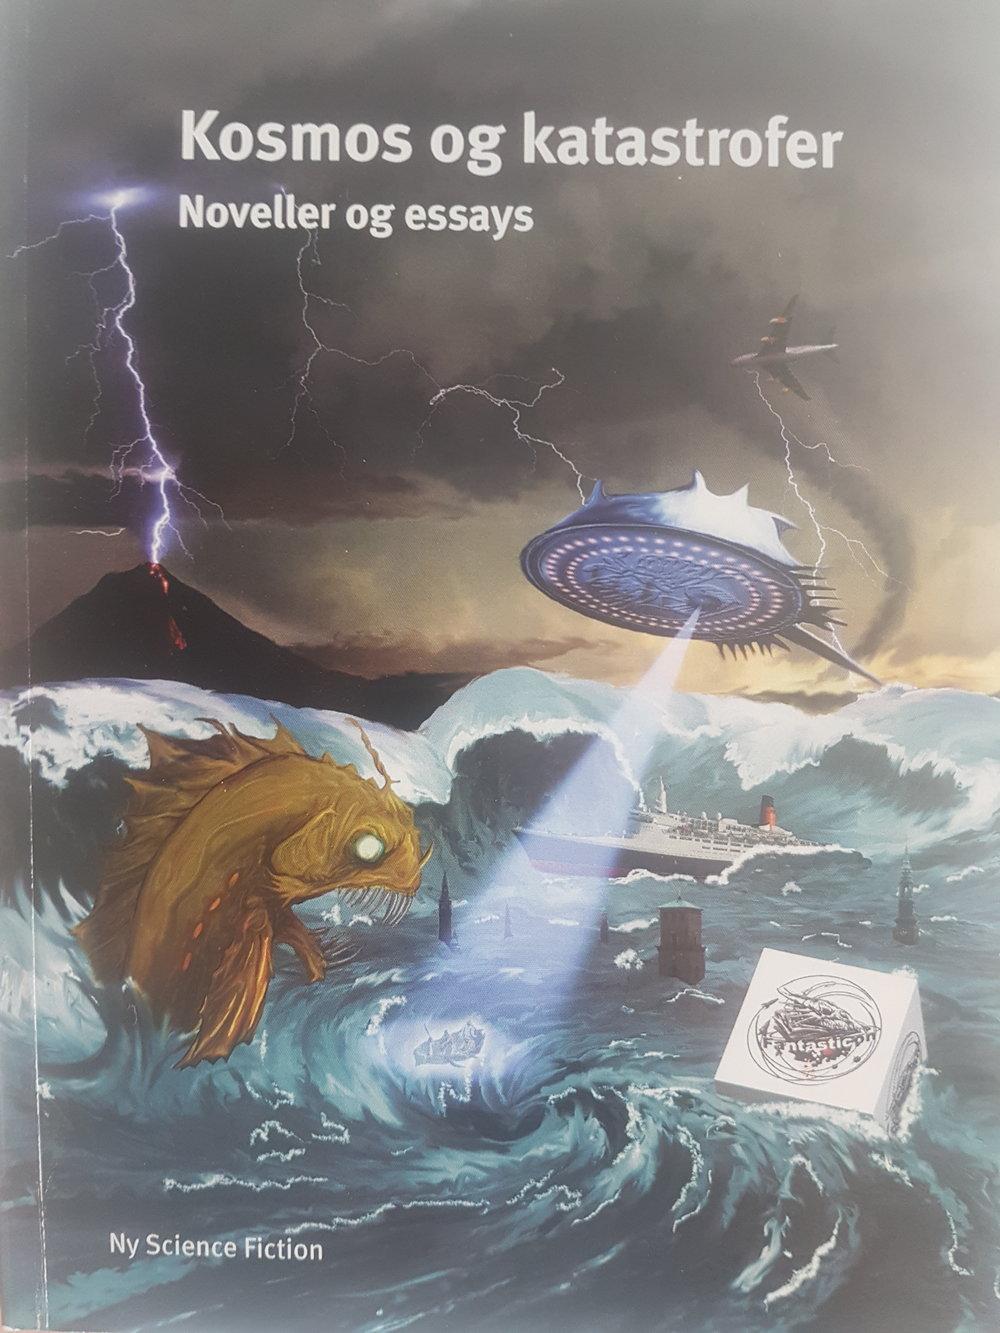 Kosmos og Katastrofer - I anledning af Fantasticon 2012 blev der trykt en stor con-bog med artikler, illustrationer og noveller. Jeg blev bedt om at medvirke, og skrev til lejligheden et langdigt med titlen Fantasy. Det er lidt horror, lidt fantasy og så er det illustreret. Jeg tror ikke det er muligt at få fat i con-bogen, da forlaget Ny Science Fiction er lukket, men hvis alt flasker sig, regner jeg med at langdigtet bliver genudgivet i 2018.